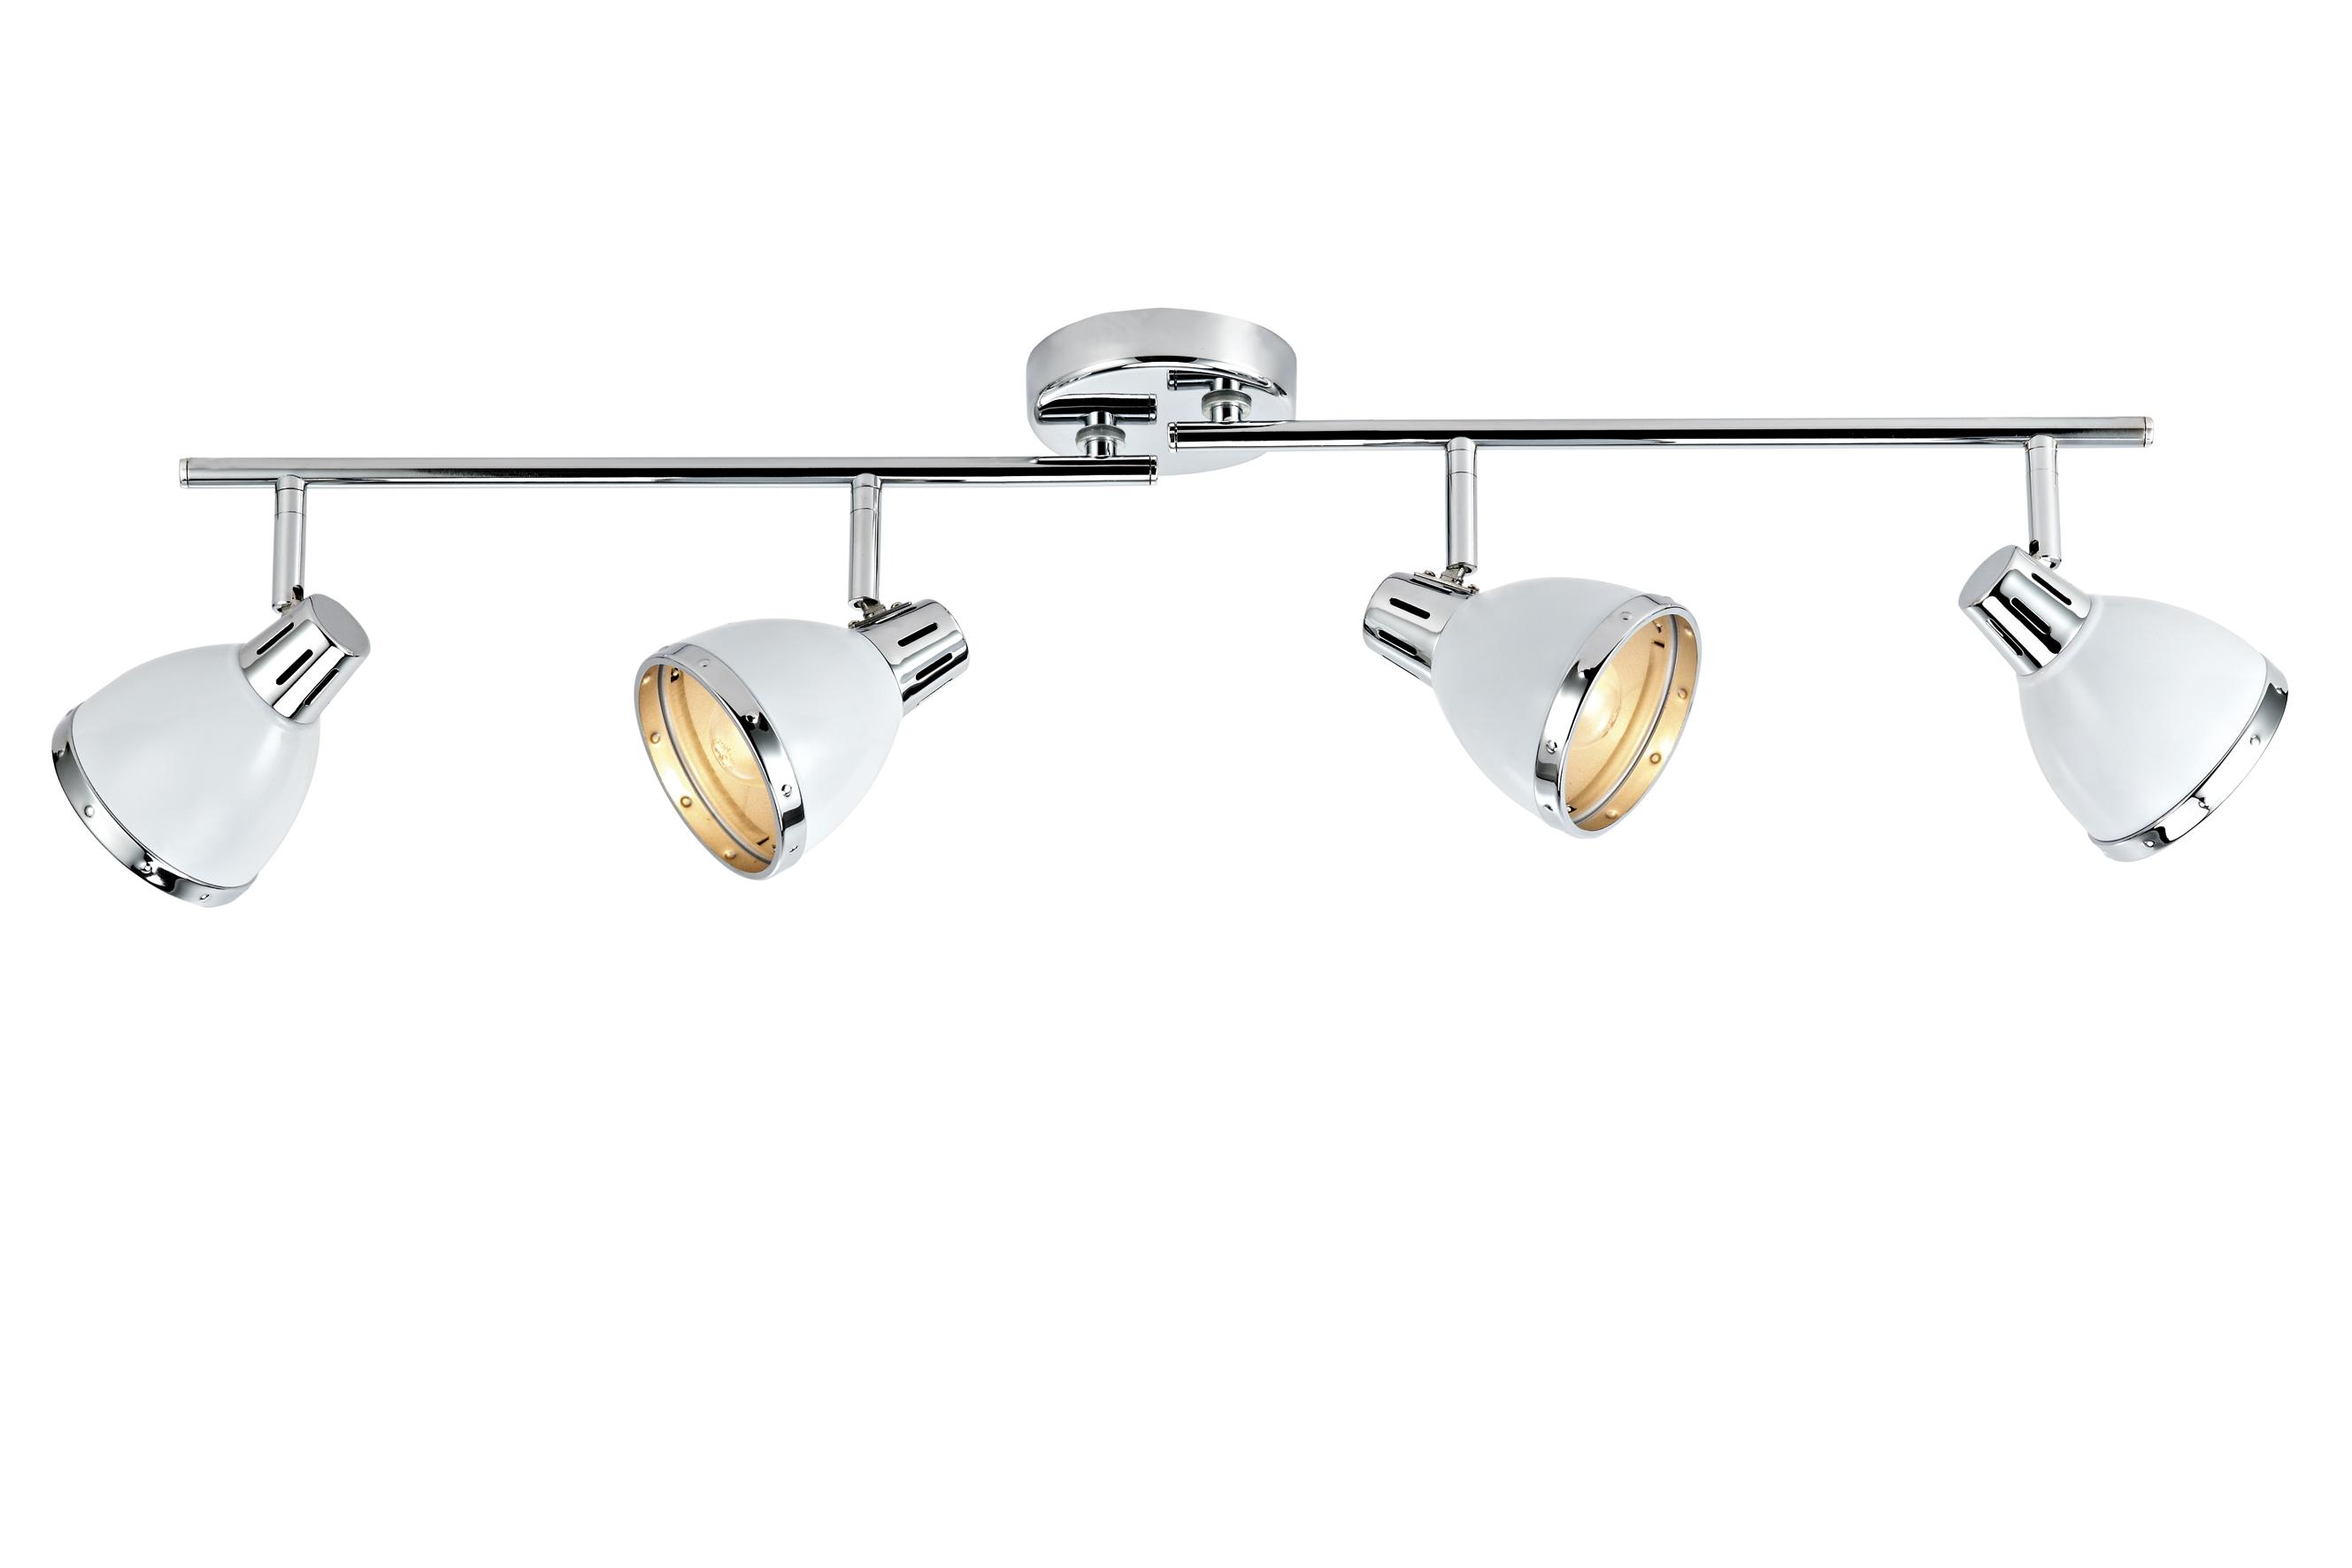 4 Spotlight Ceiling Bar Energywarden Net